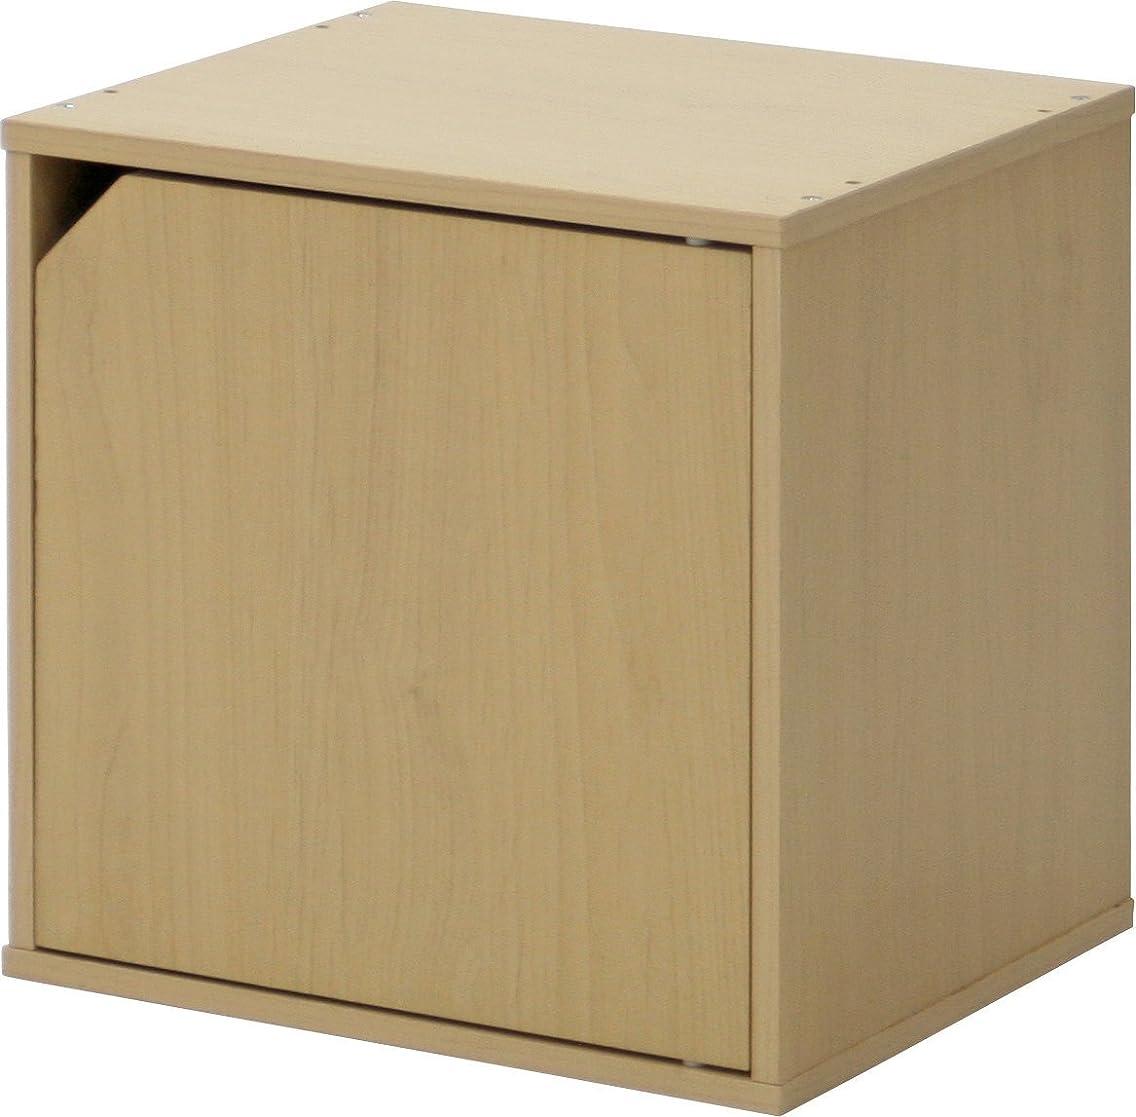 ドラムメロンインレイ『 扉付きキューブボックス 』【IT】【tm】ナチュラル(#9870284) 幅34.5×高さ34.5×奥行29.5cm